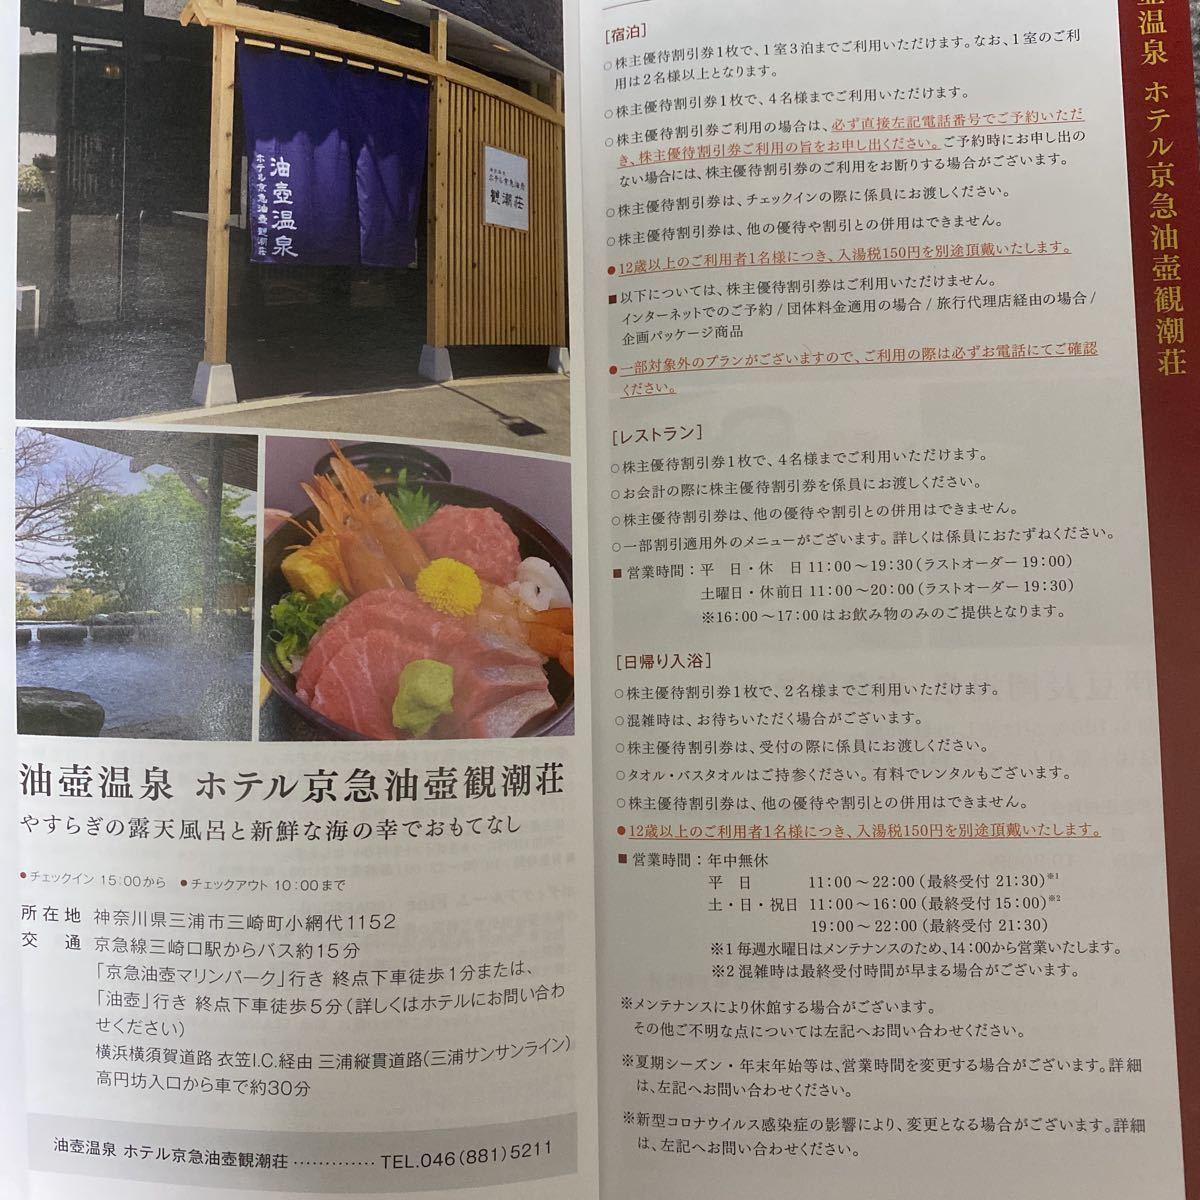 油壺温泉 ホテル京急油壺観潮荘 割引券_画像2